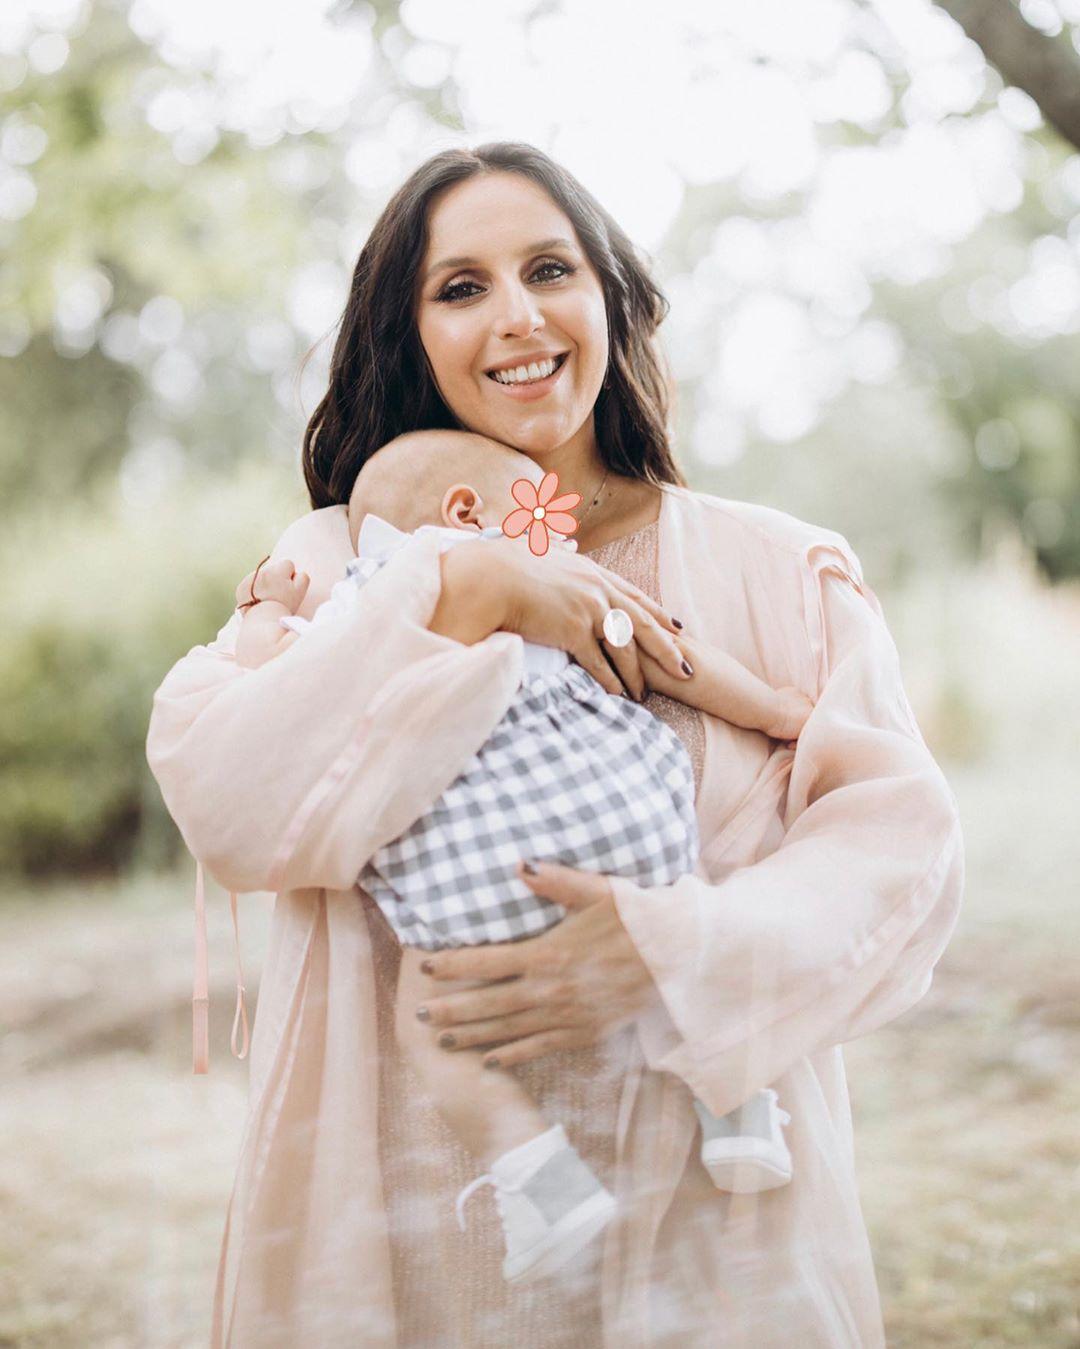 Материнство їй до лиця: Джамала зворушила ніжними кадрами з чоловіком і синами